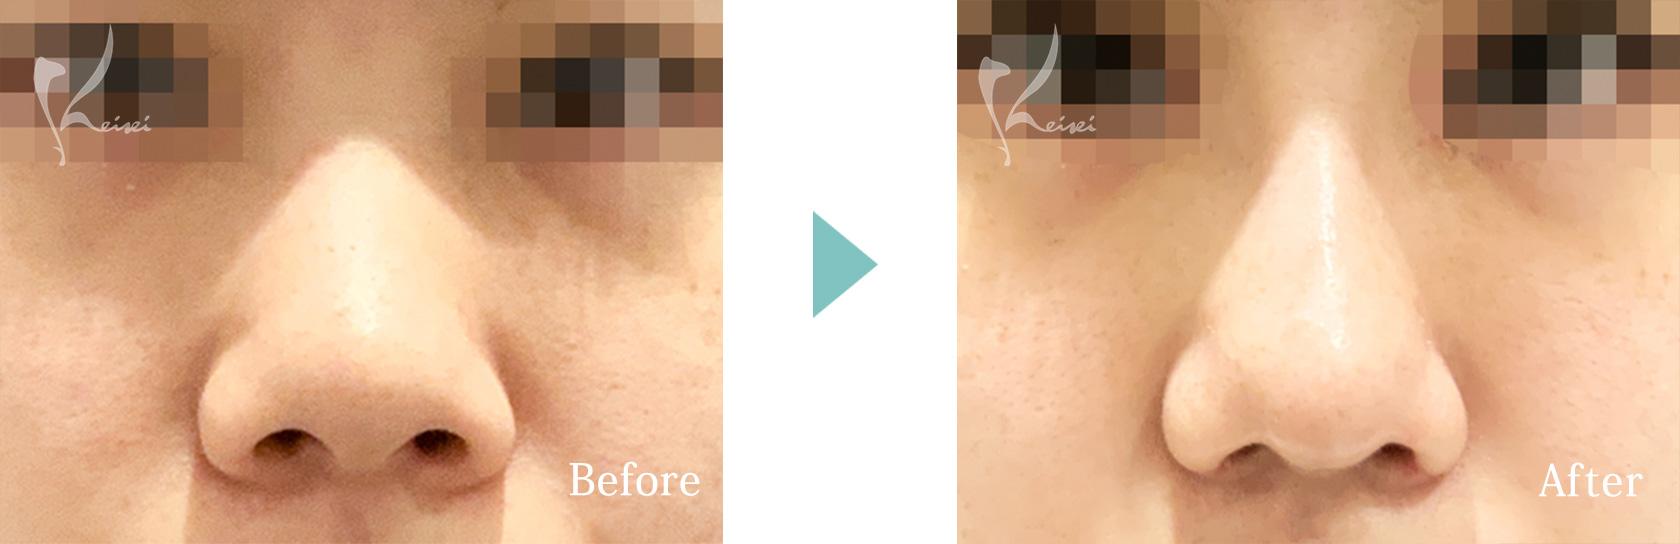 鼻の施術の正面からの症例画像